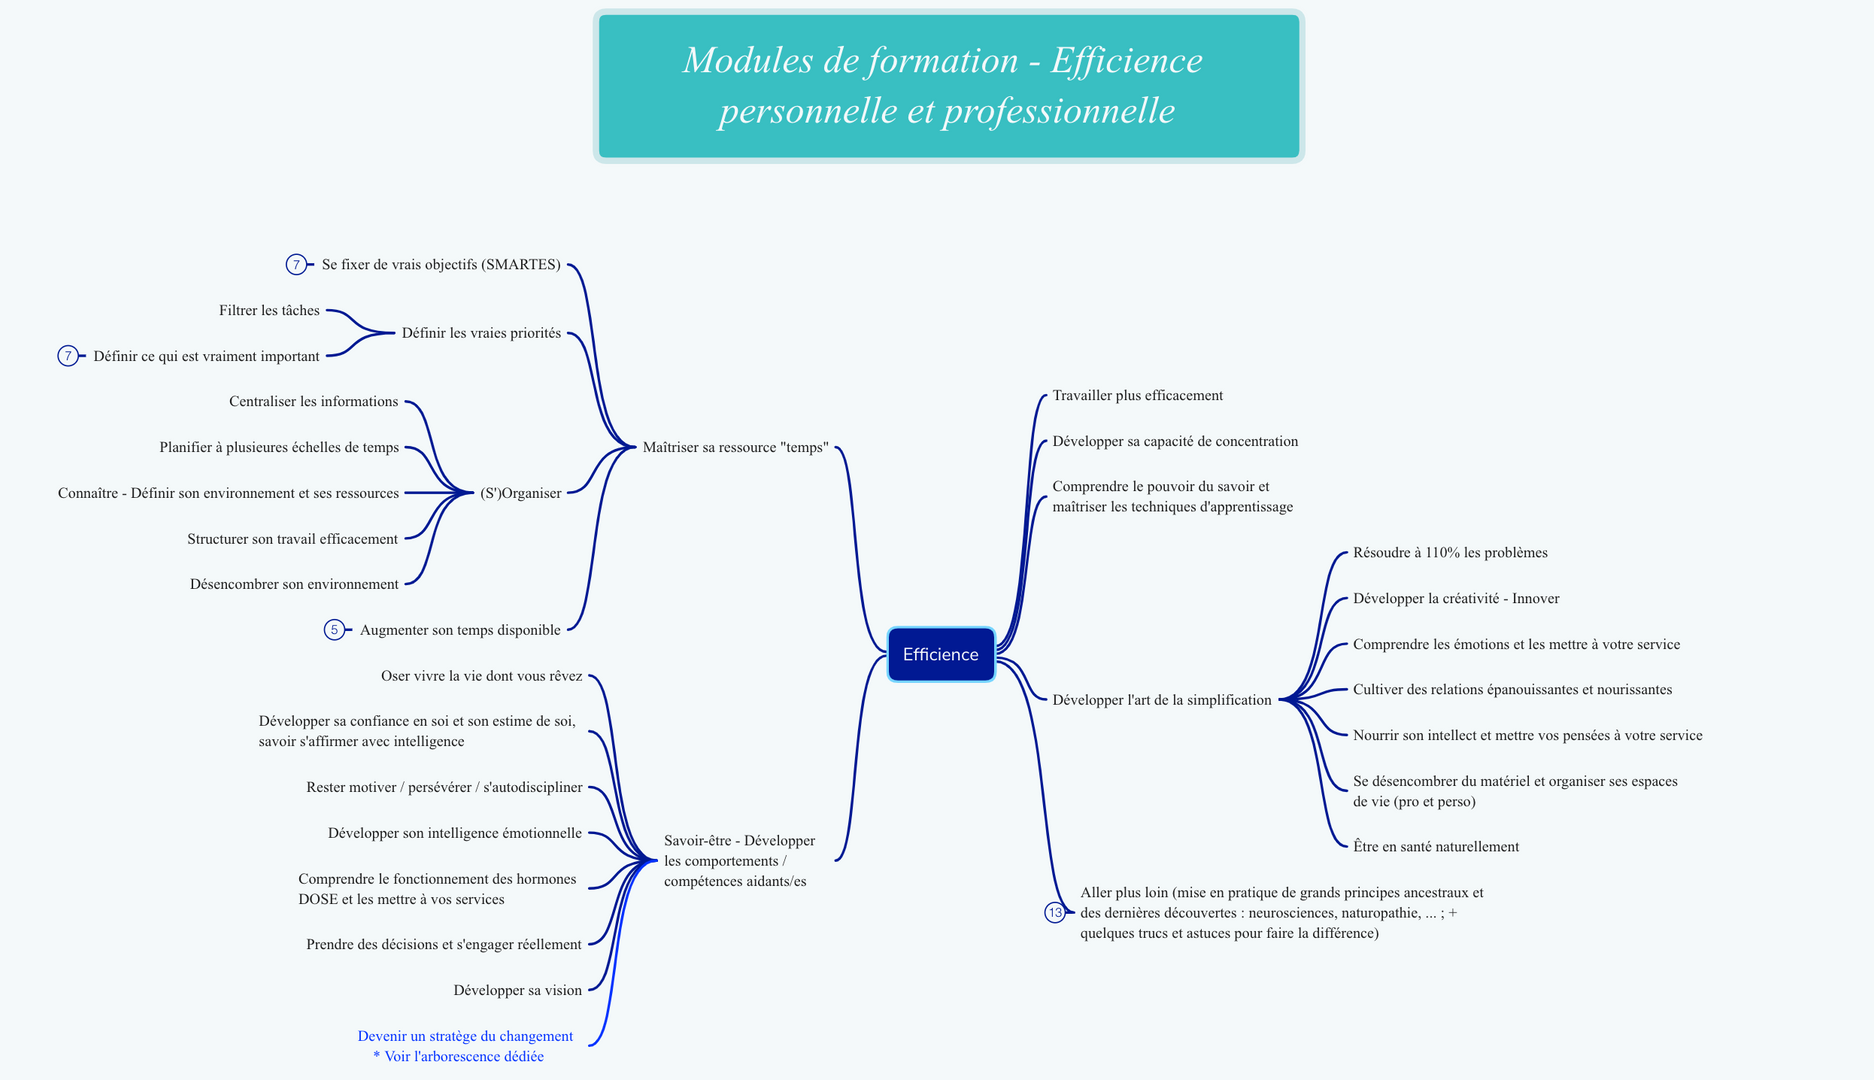 Efficience - Modules de formation